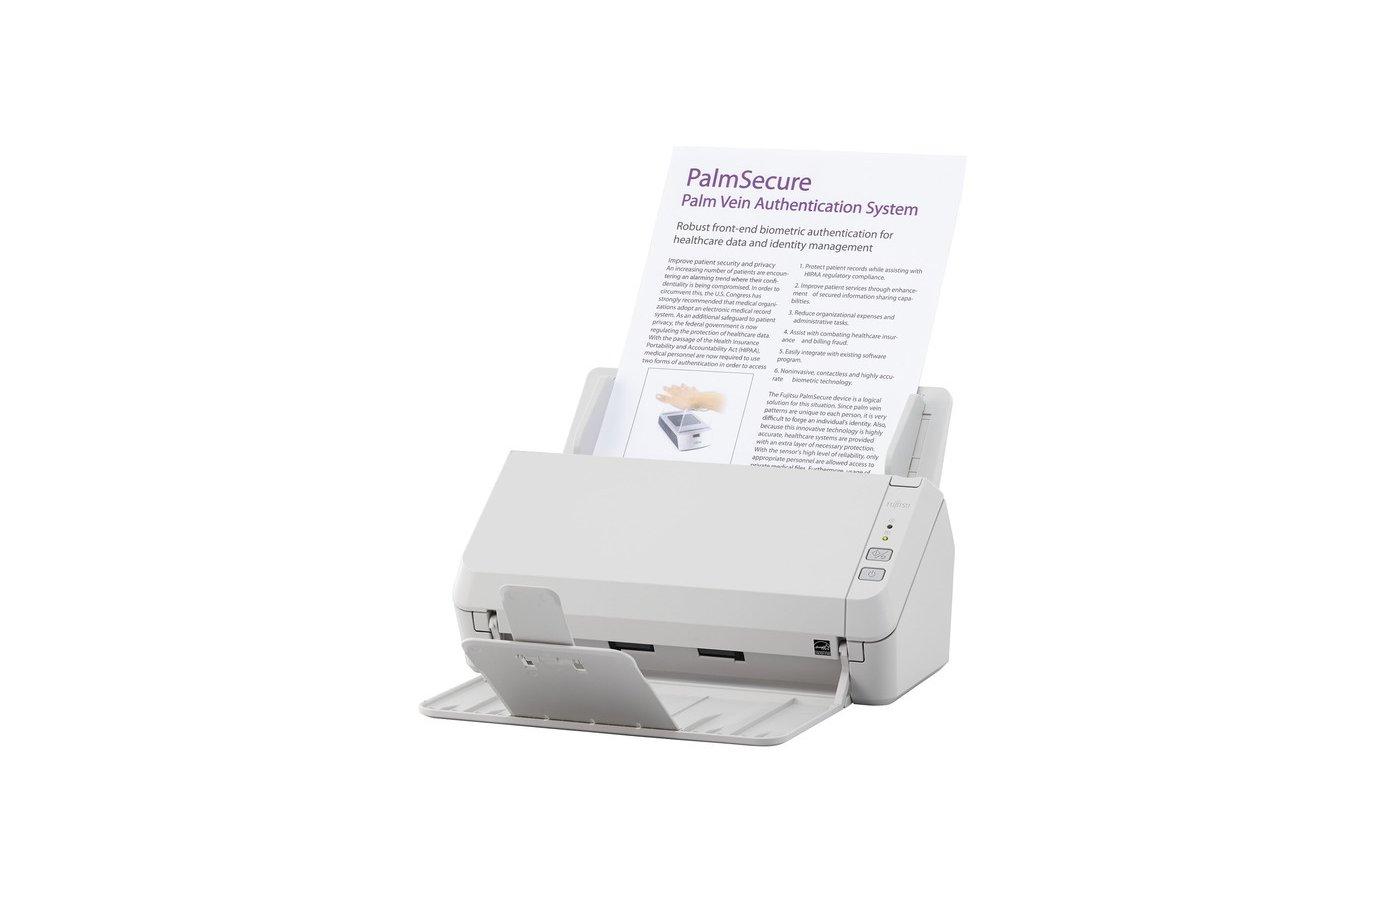 Сканер Fujitsu SP-1130 /PA03708-B021/